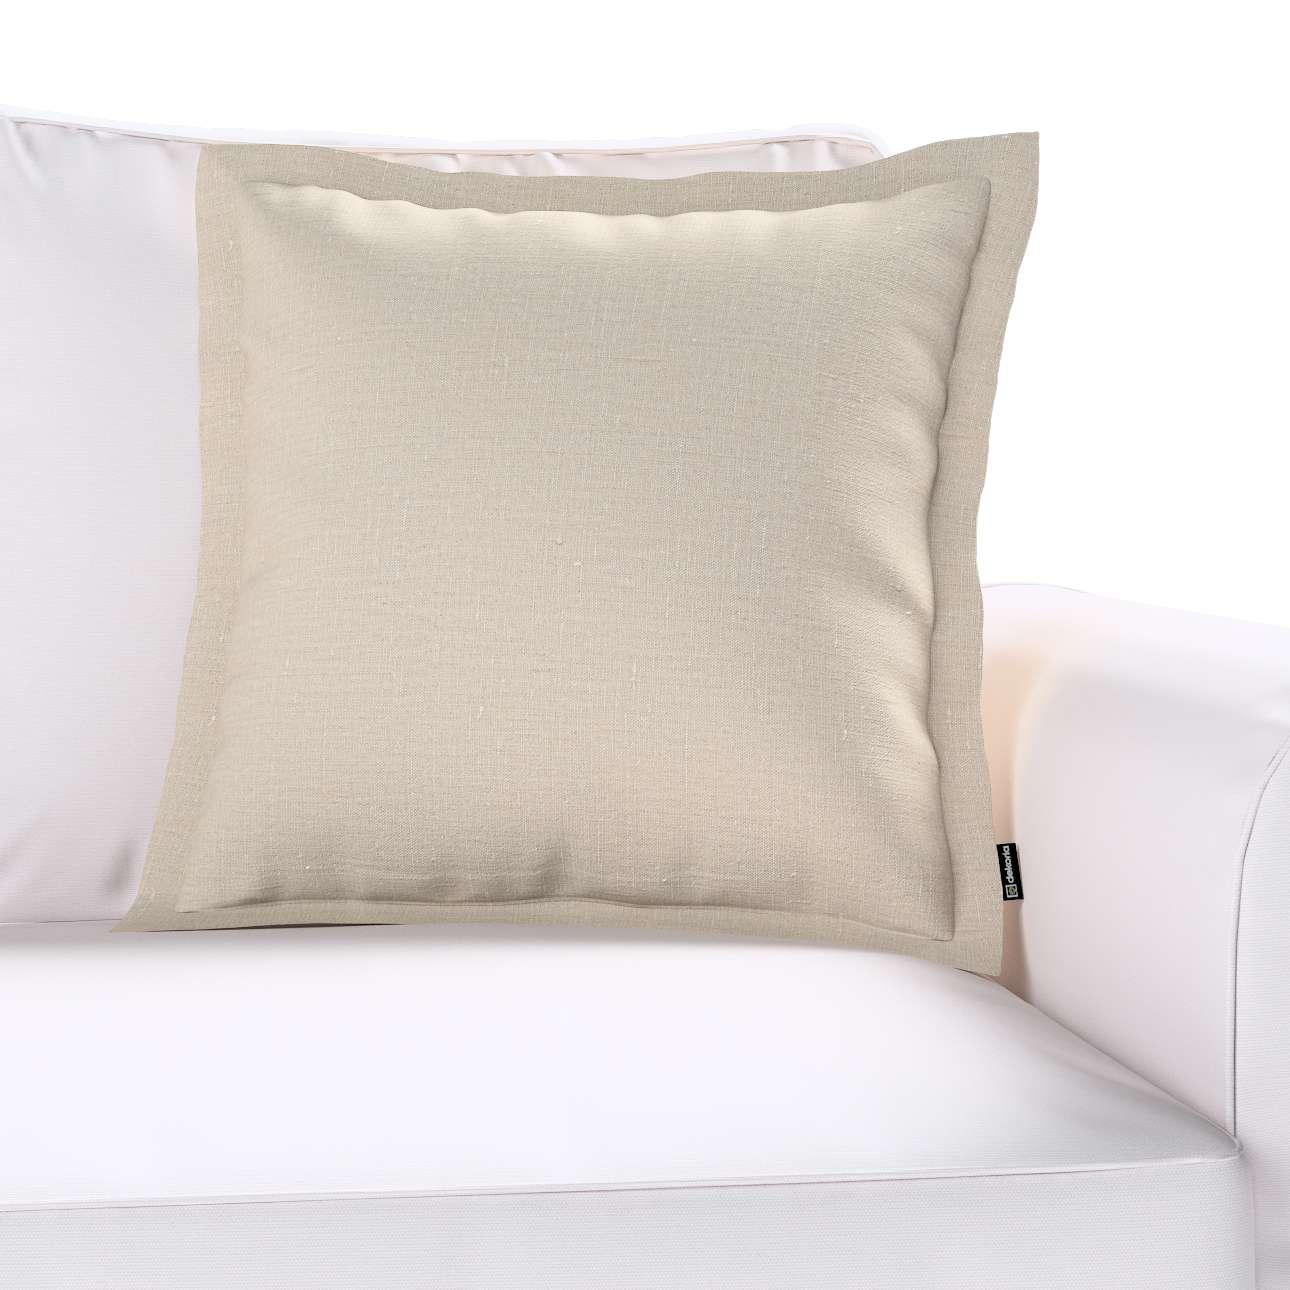 Poszewka Mona na poduszkę w kolekcji Linen, tkanina: 392-05